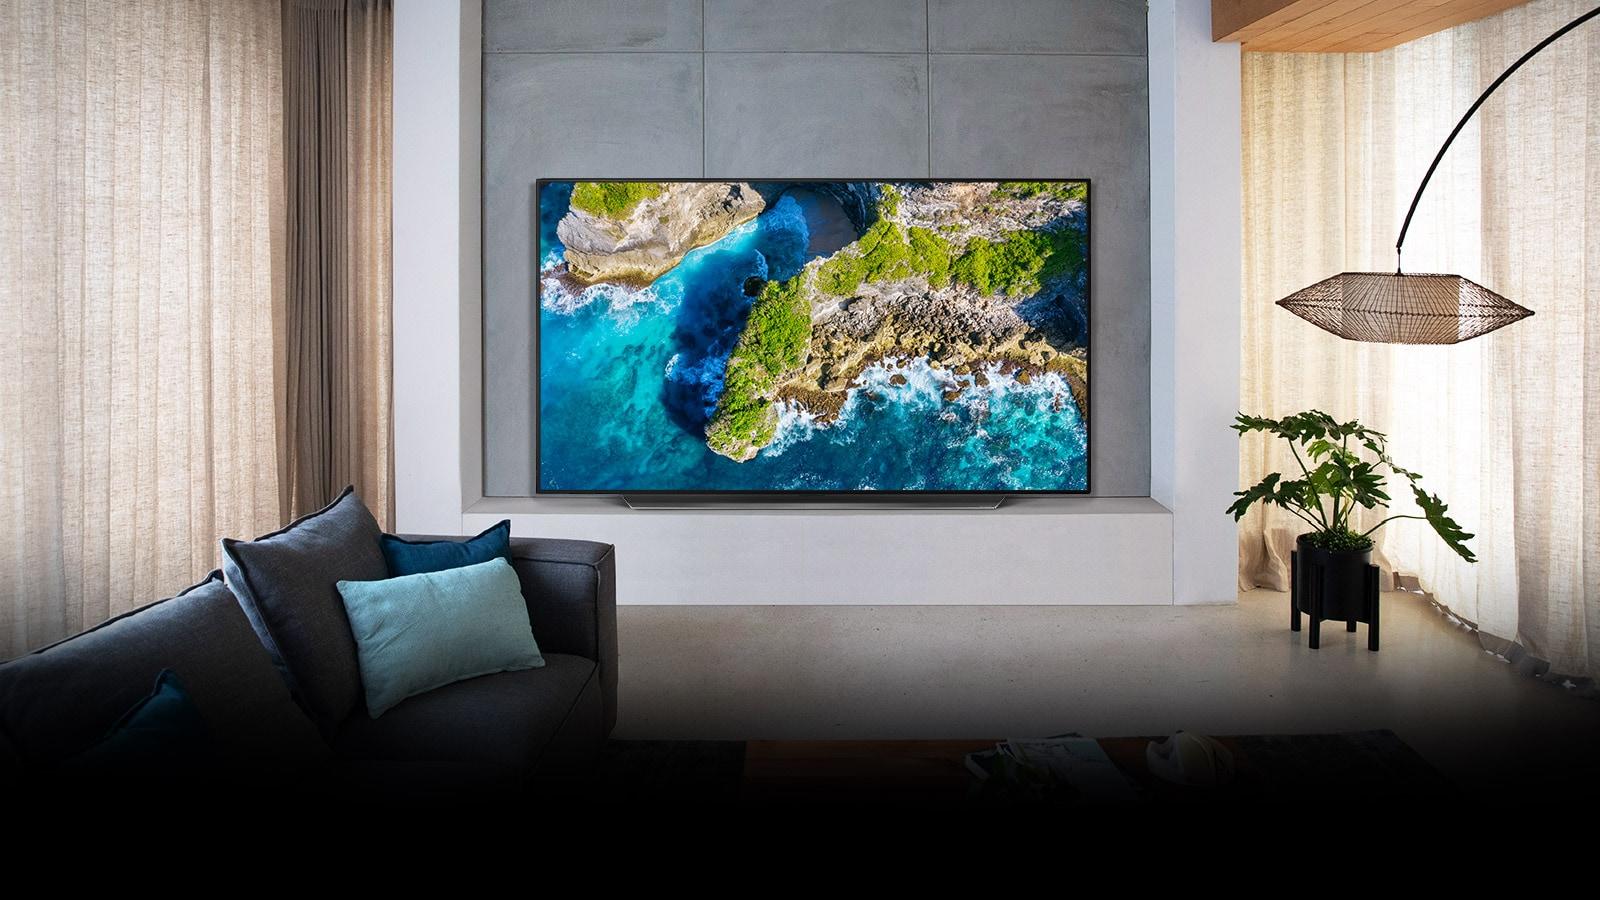 Télévision montrant une vue aérienne de la nature dans une maison luxueuse